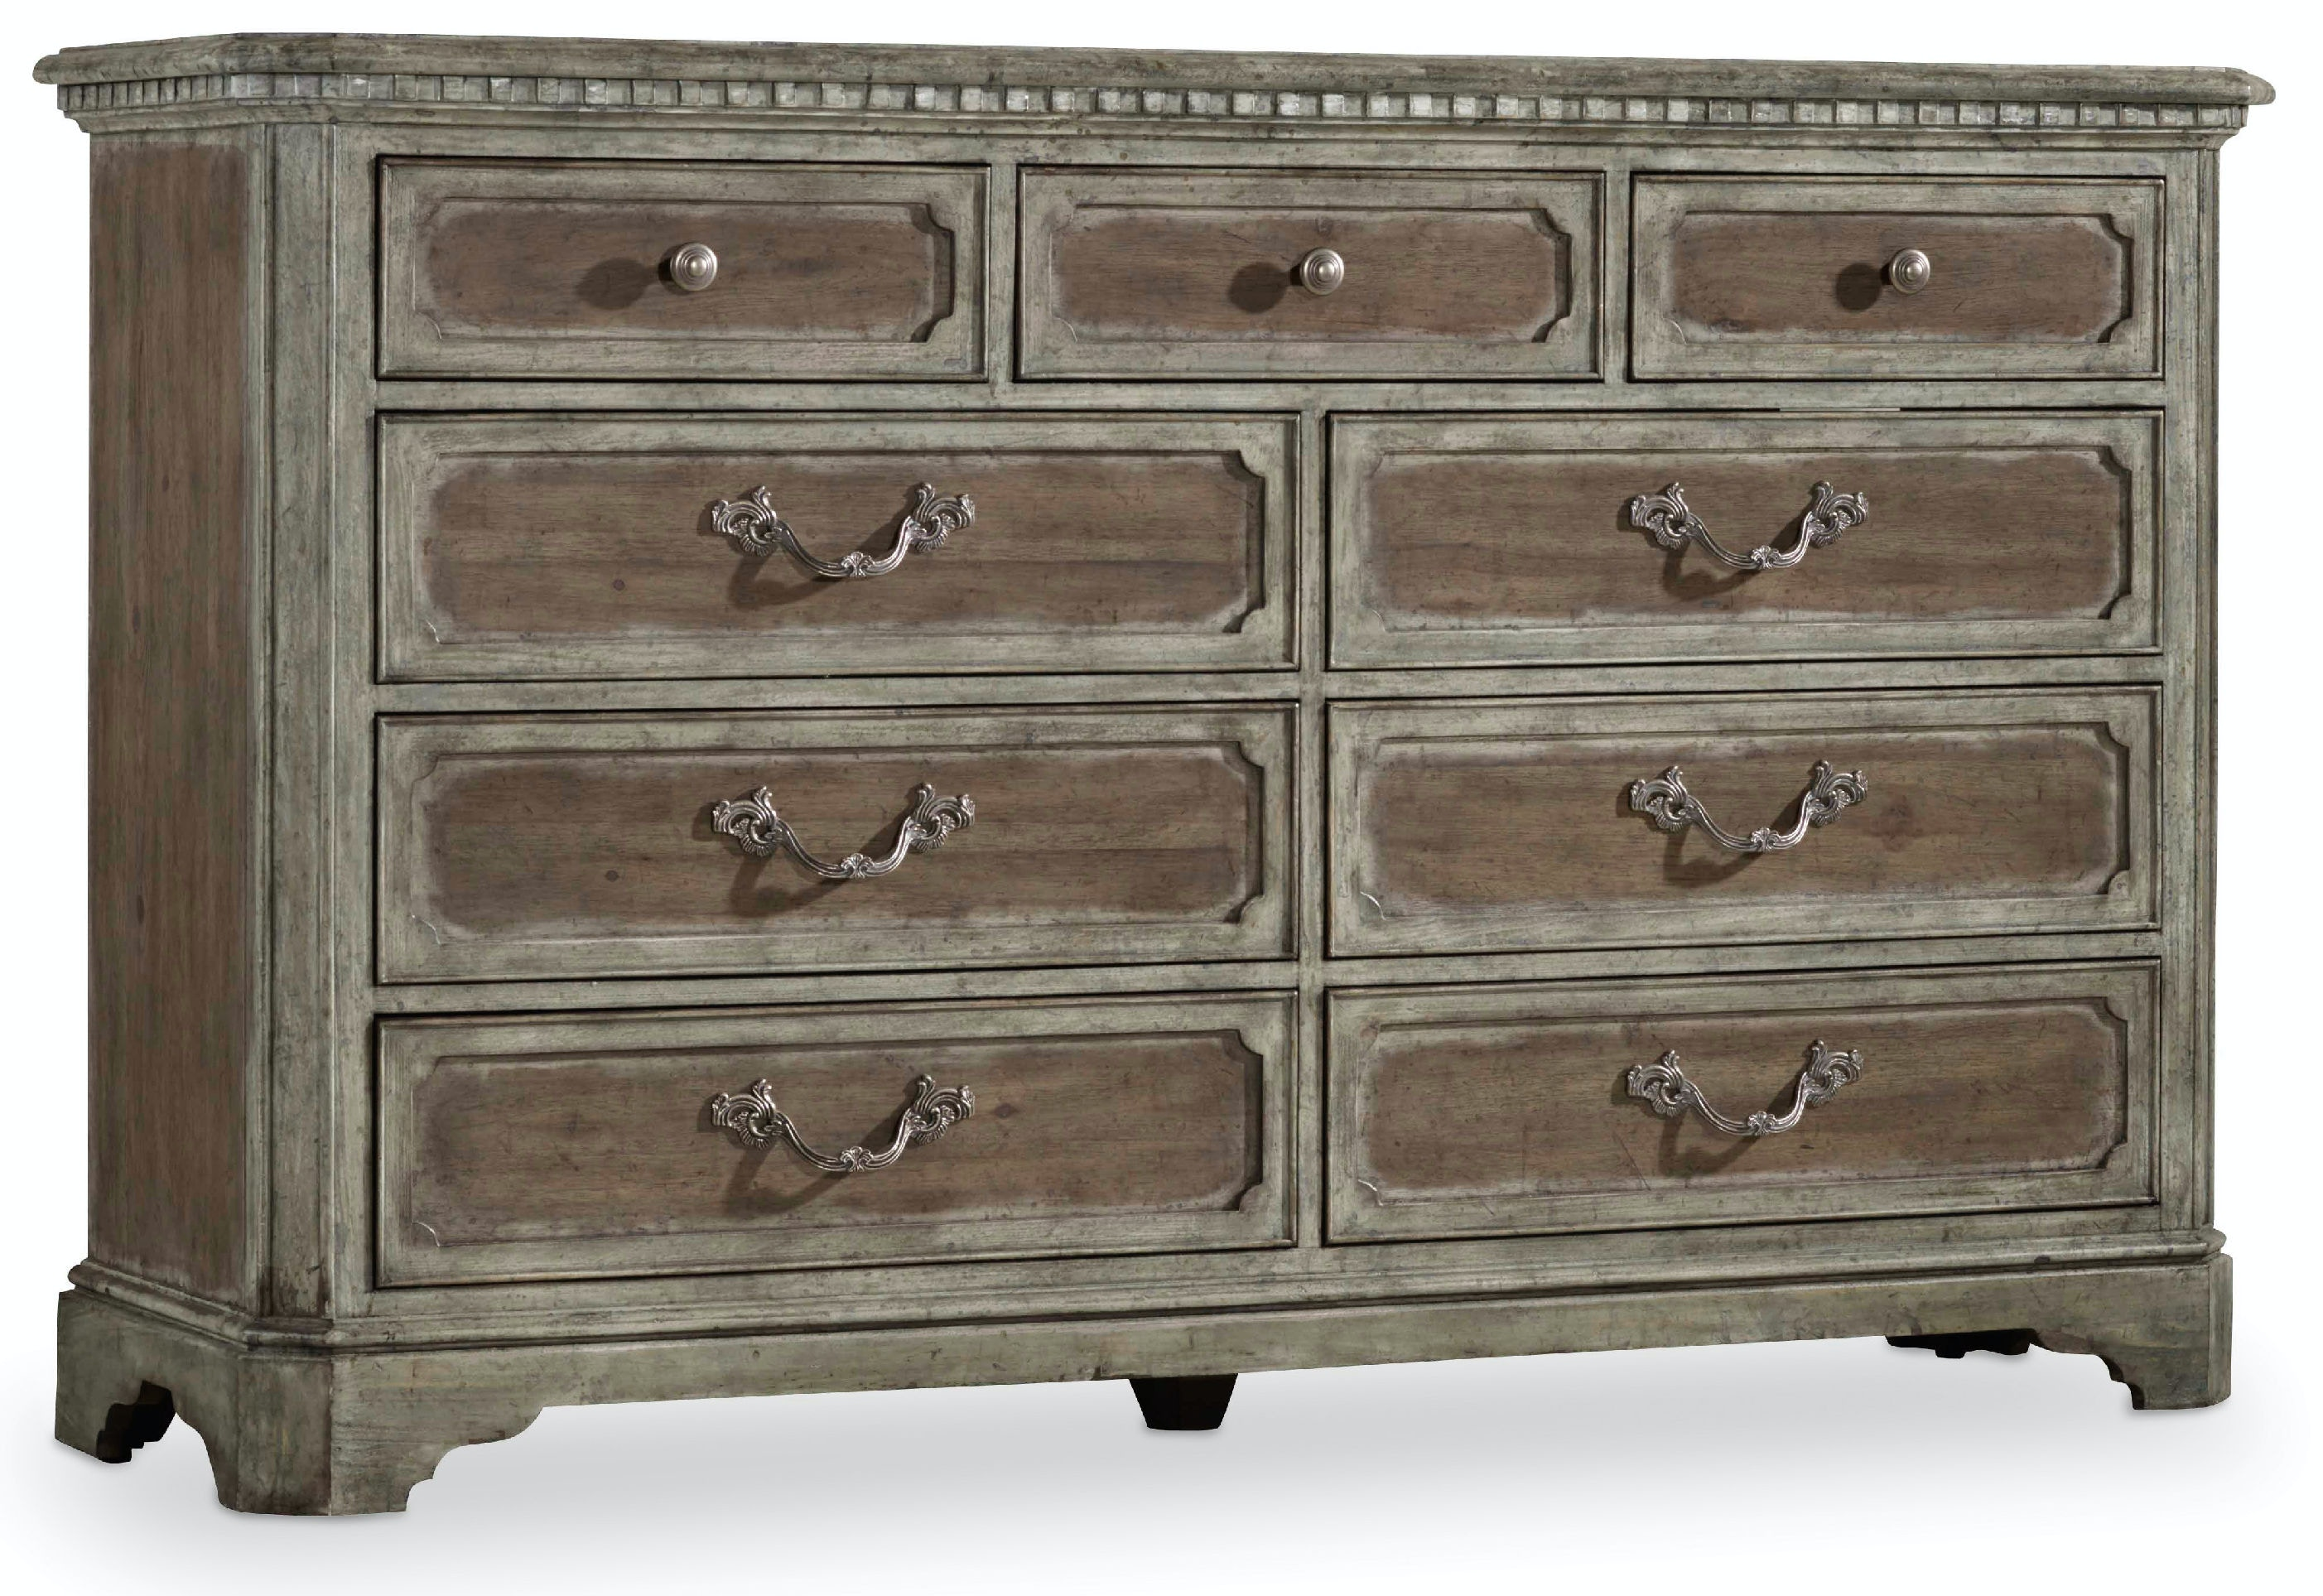 Hooker furniture bedroom true vintage dresser 5701 90002 Antique bedroom dressers and chests